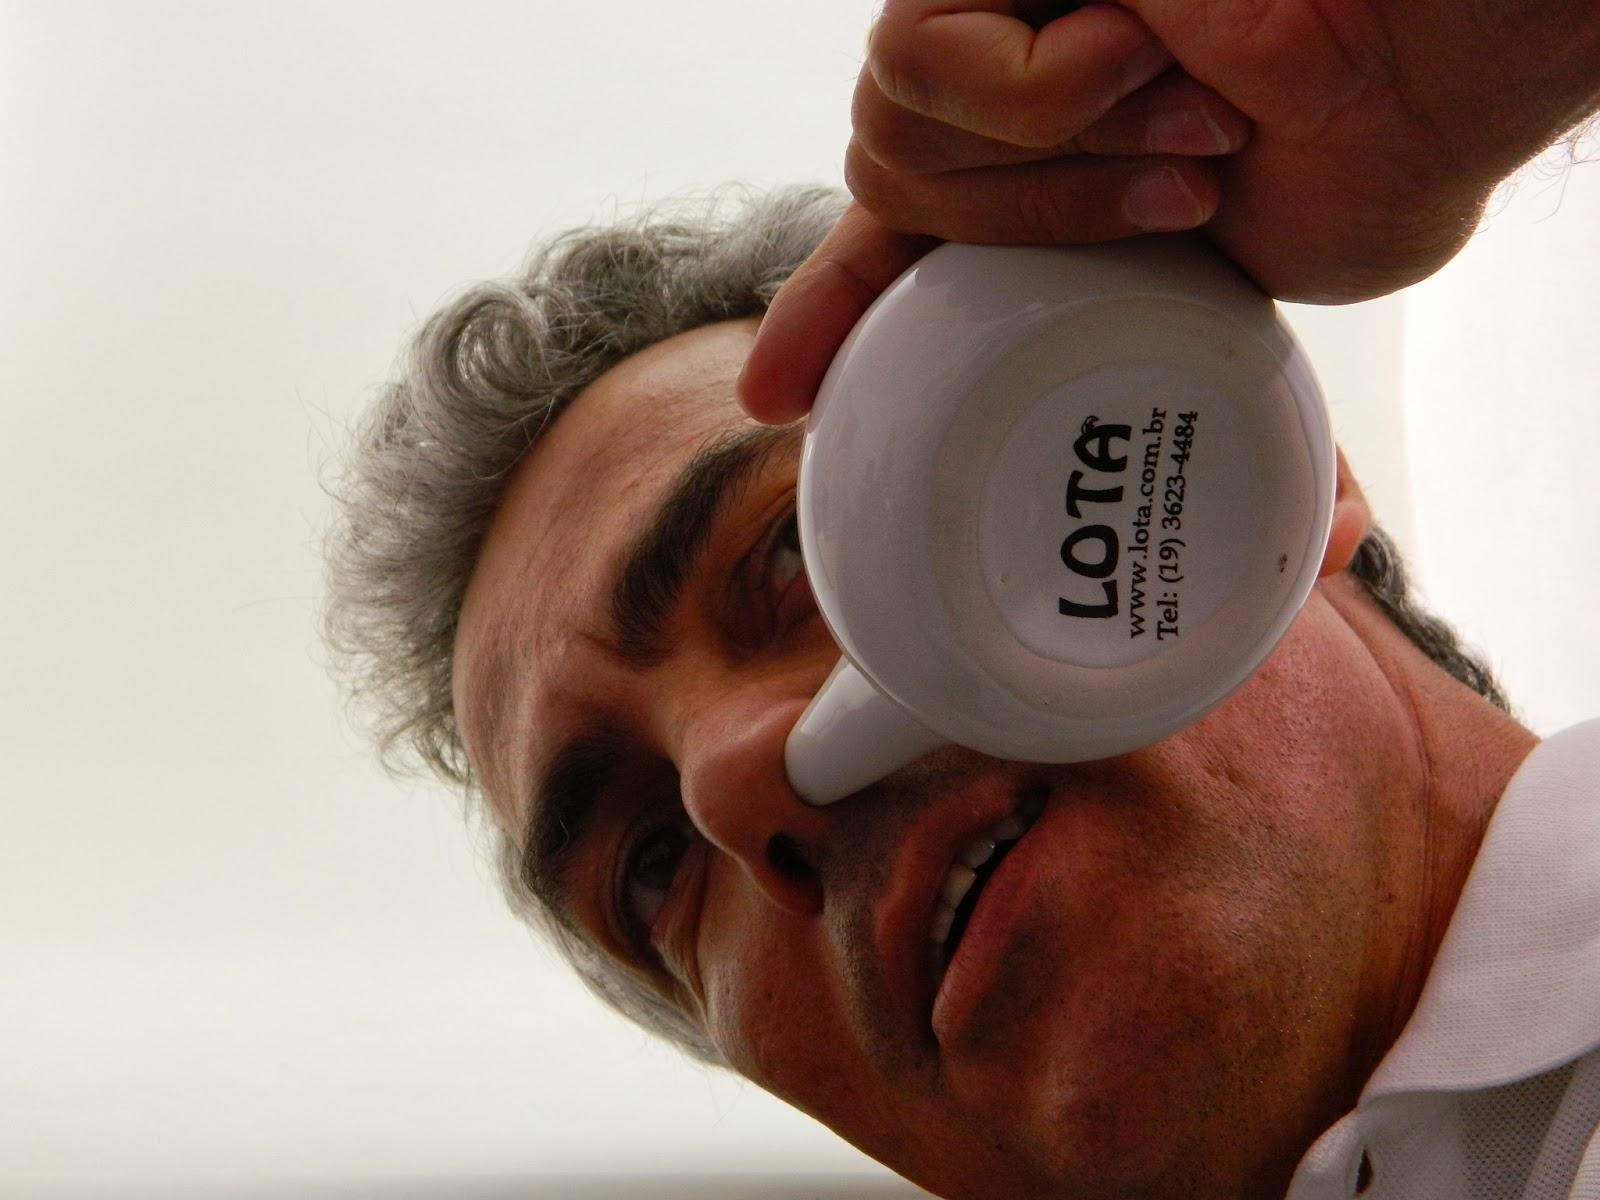 de saúde terapias naturais. : Porque higienizar as narinas faz bem #3B1B12 1600 1200